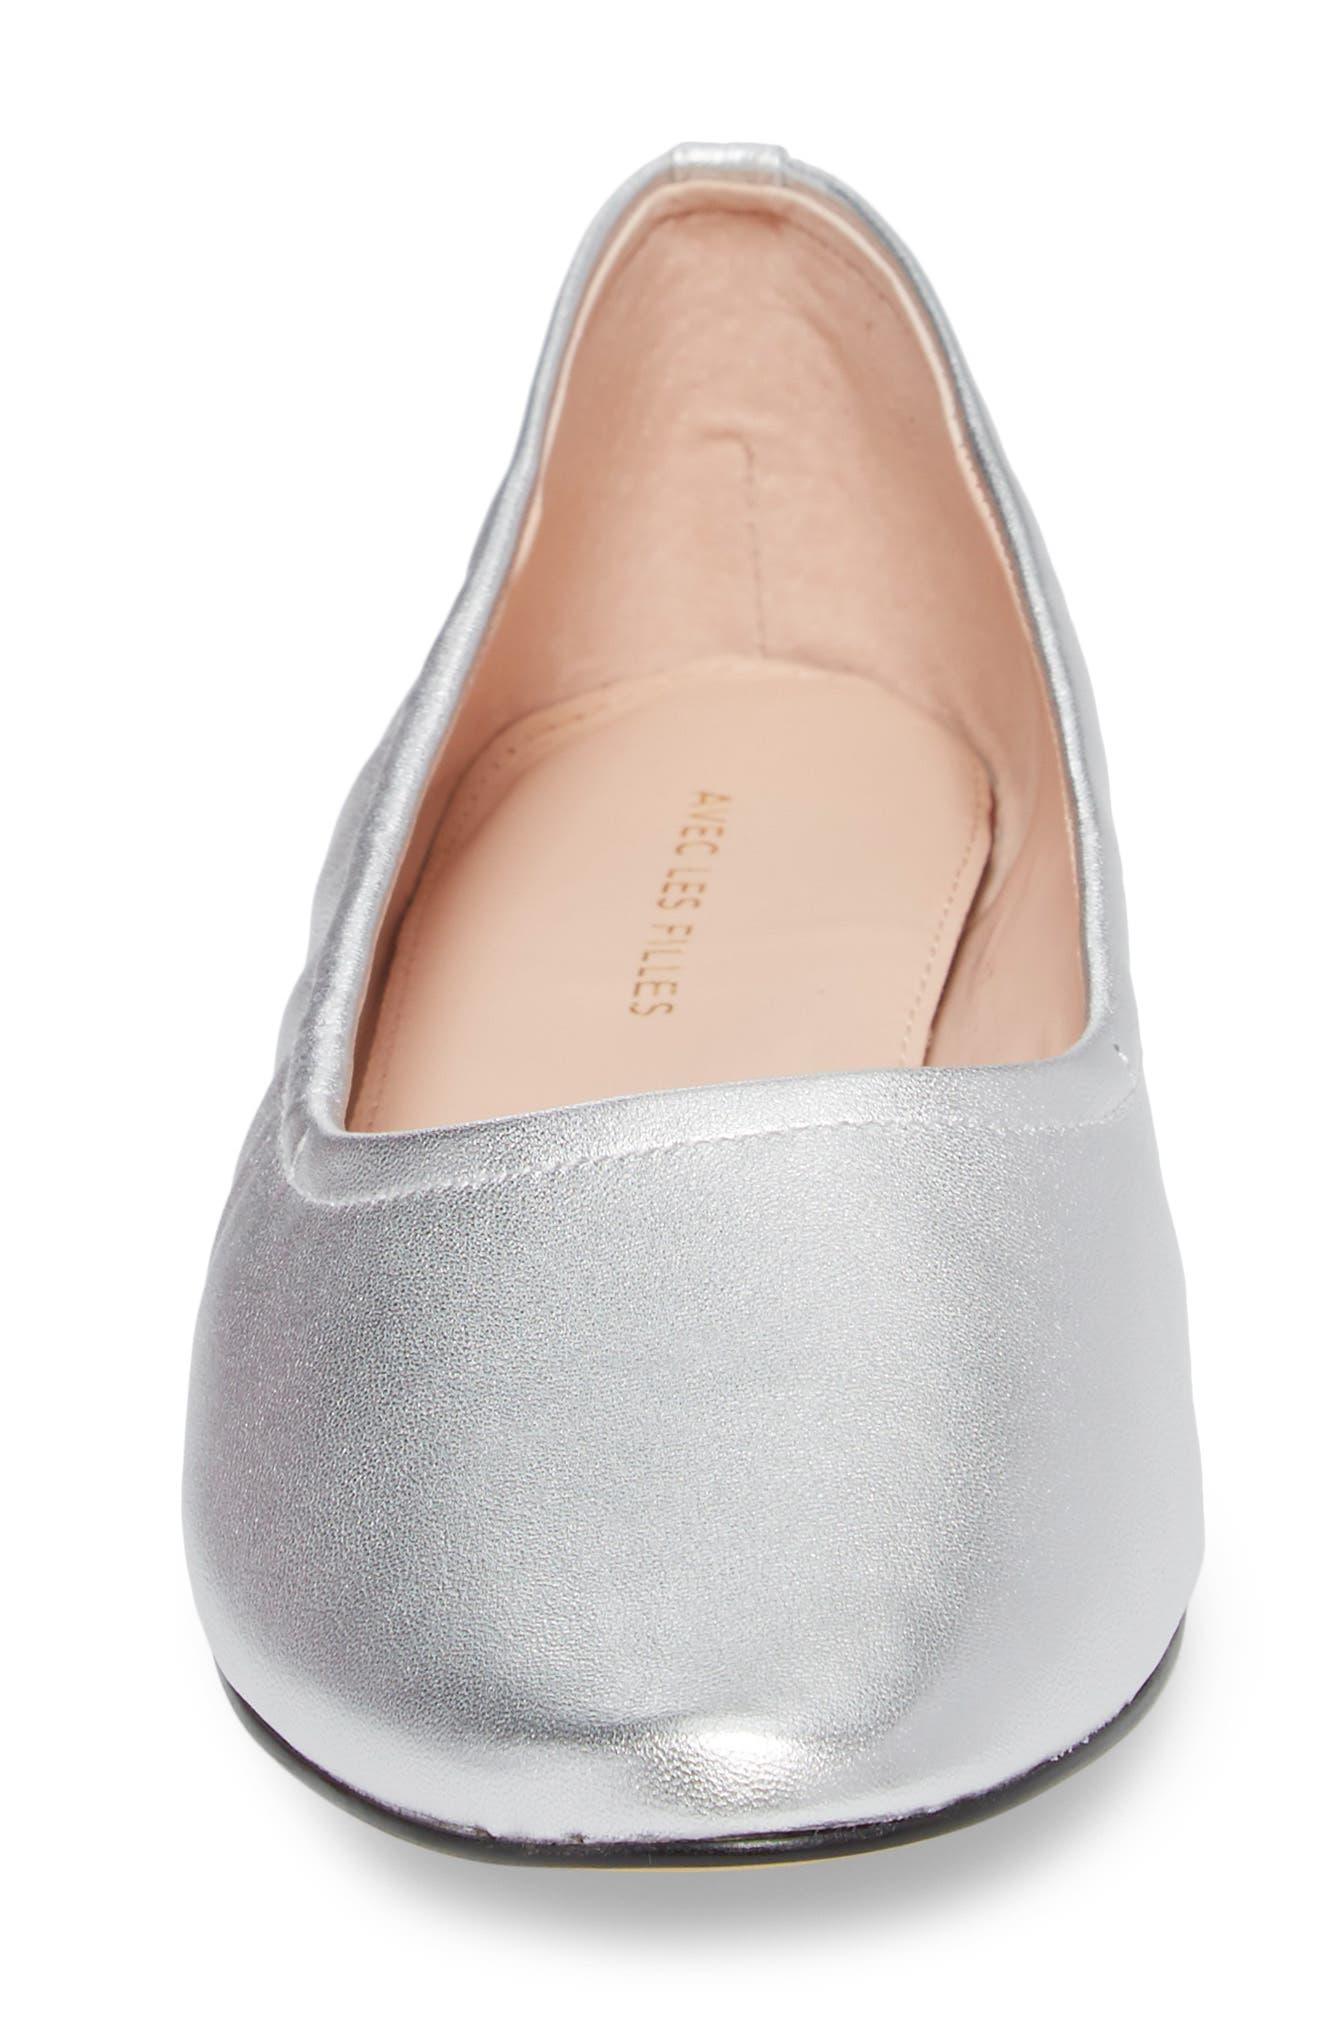 Myrina Ballet Flat,                             Alternate thumbnail 4, color,                             040